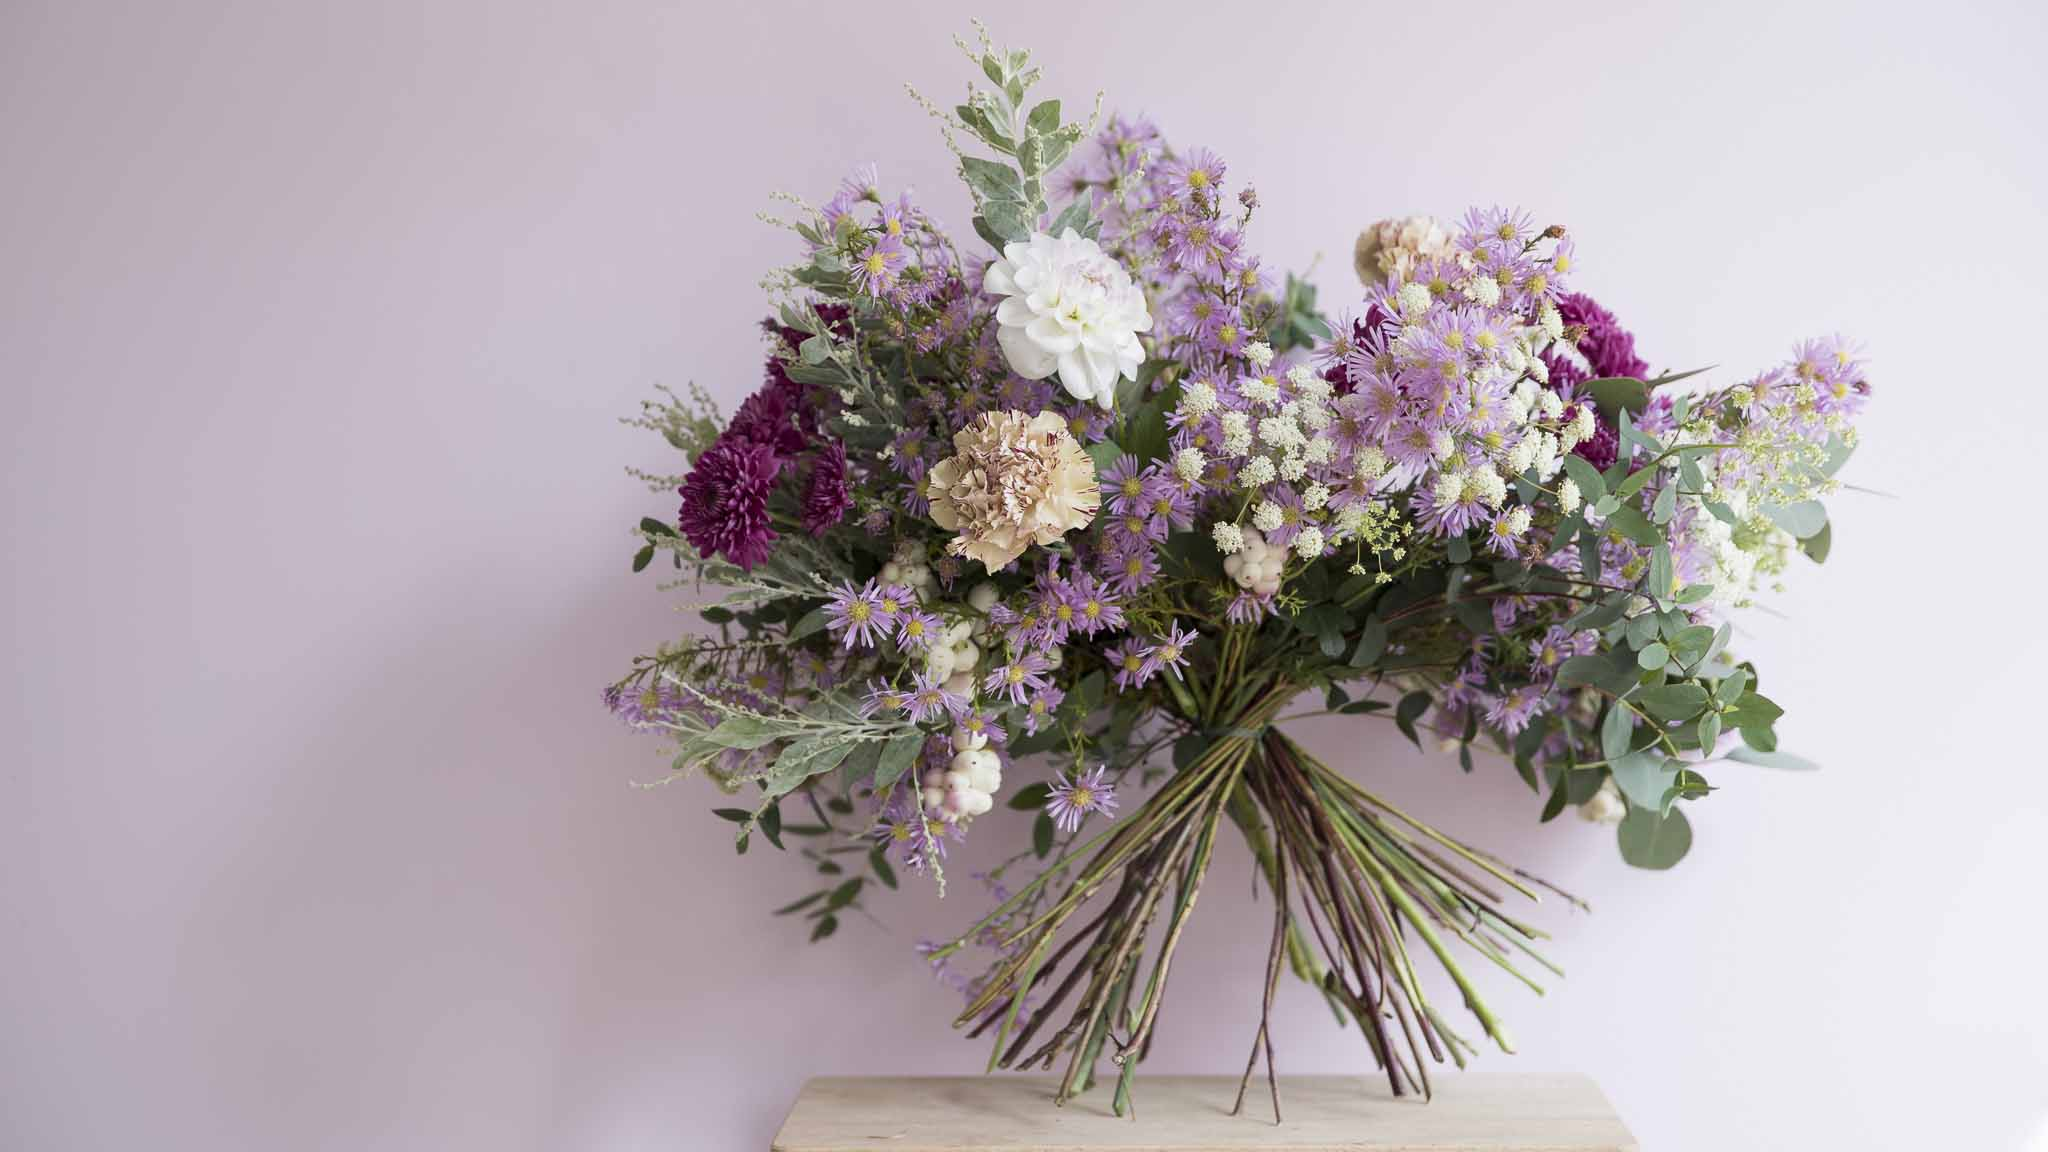 Teamevent-Blumen binden-Bild7